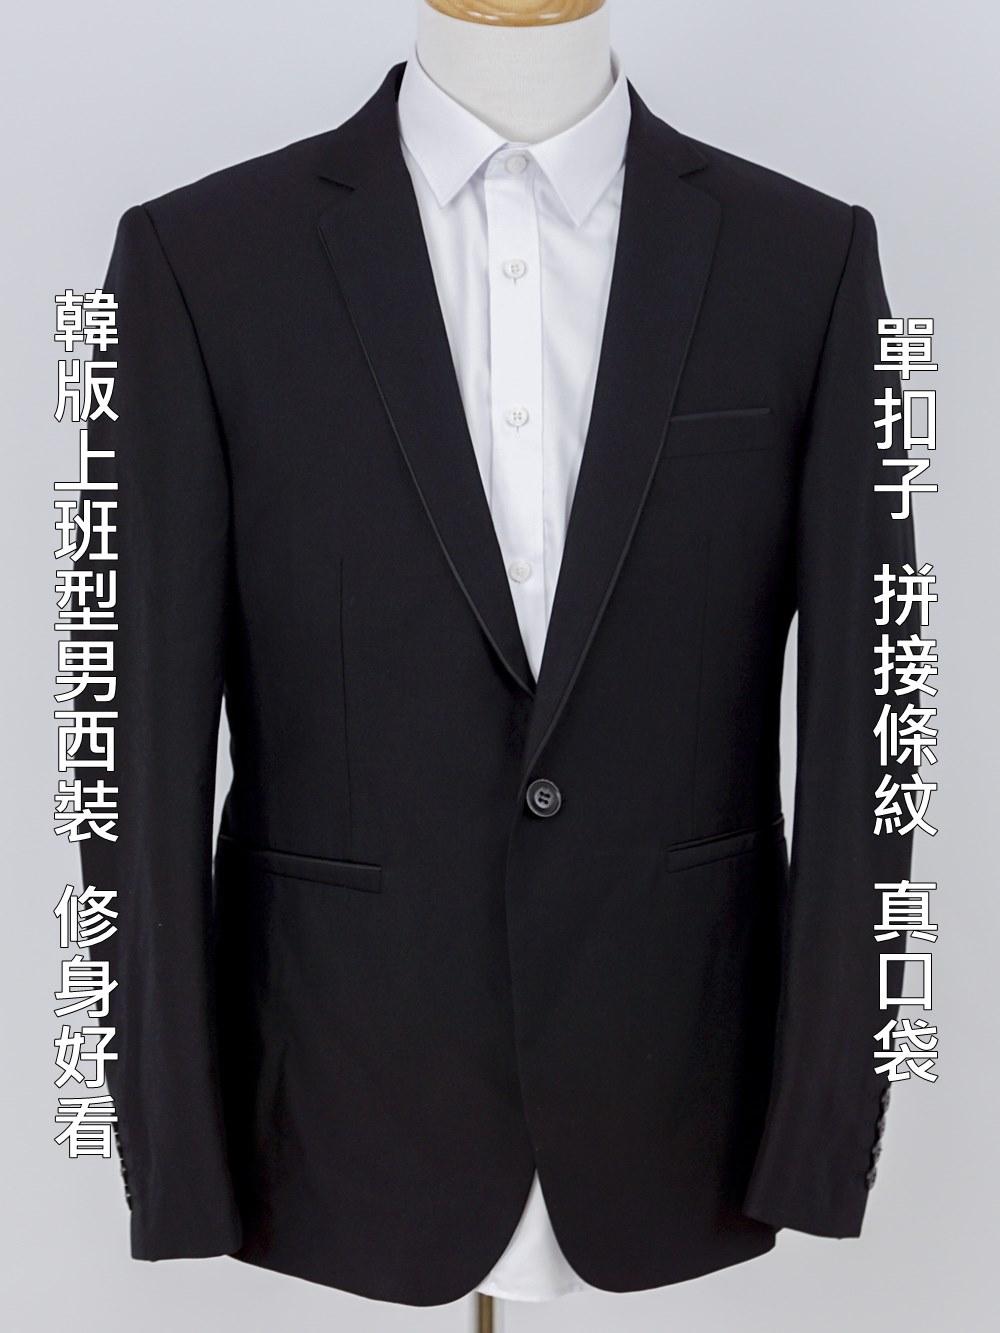 男西裝 ,西裝外套,上班西裝,男裝